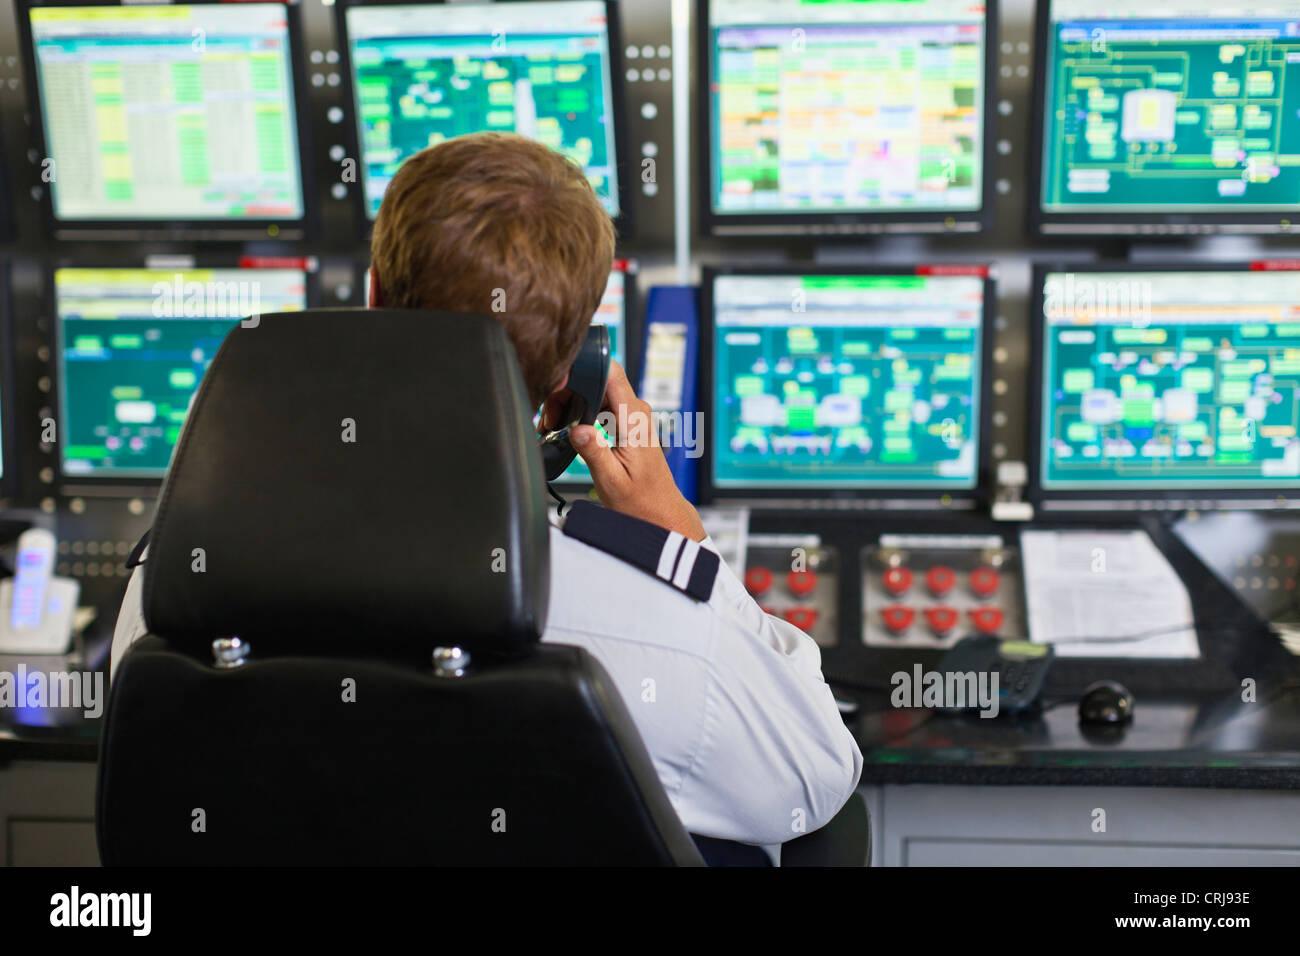 L'homme travaillant en salle de contrôle de la sécurité Photo Stock